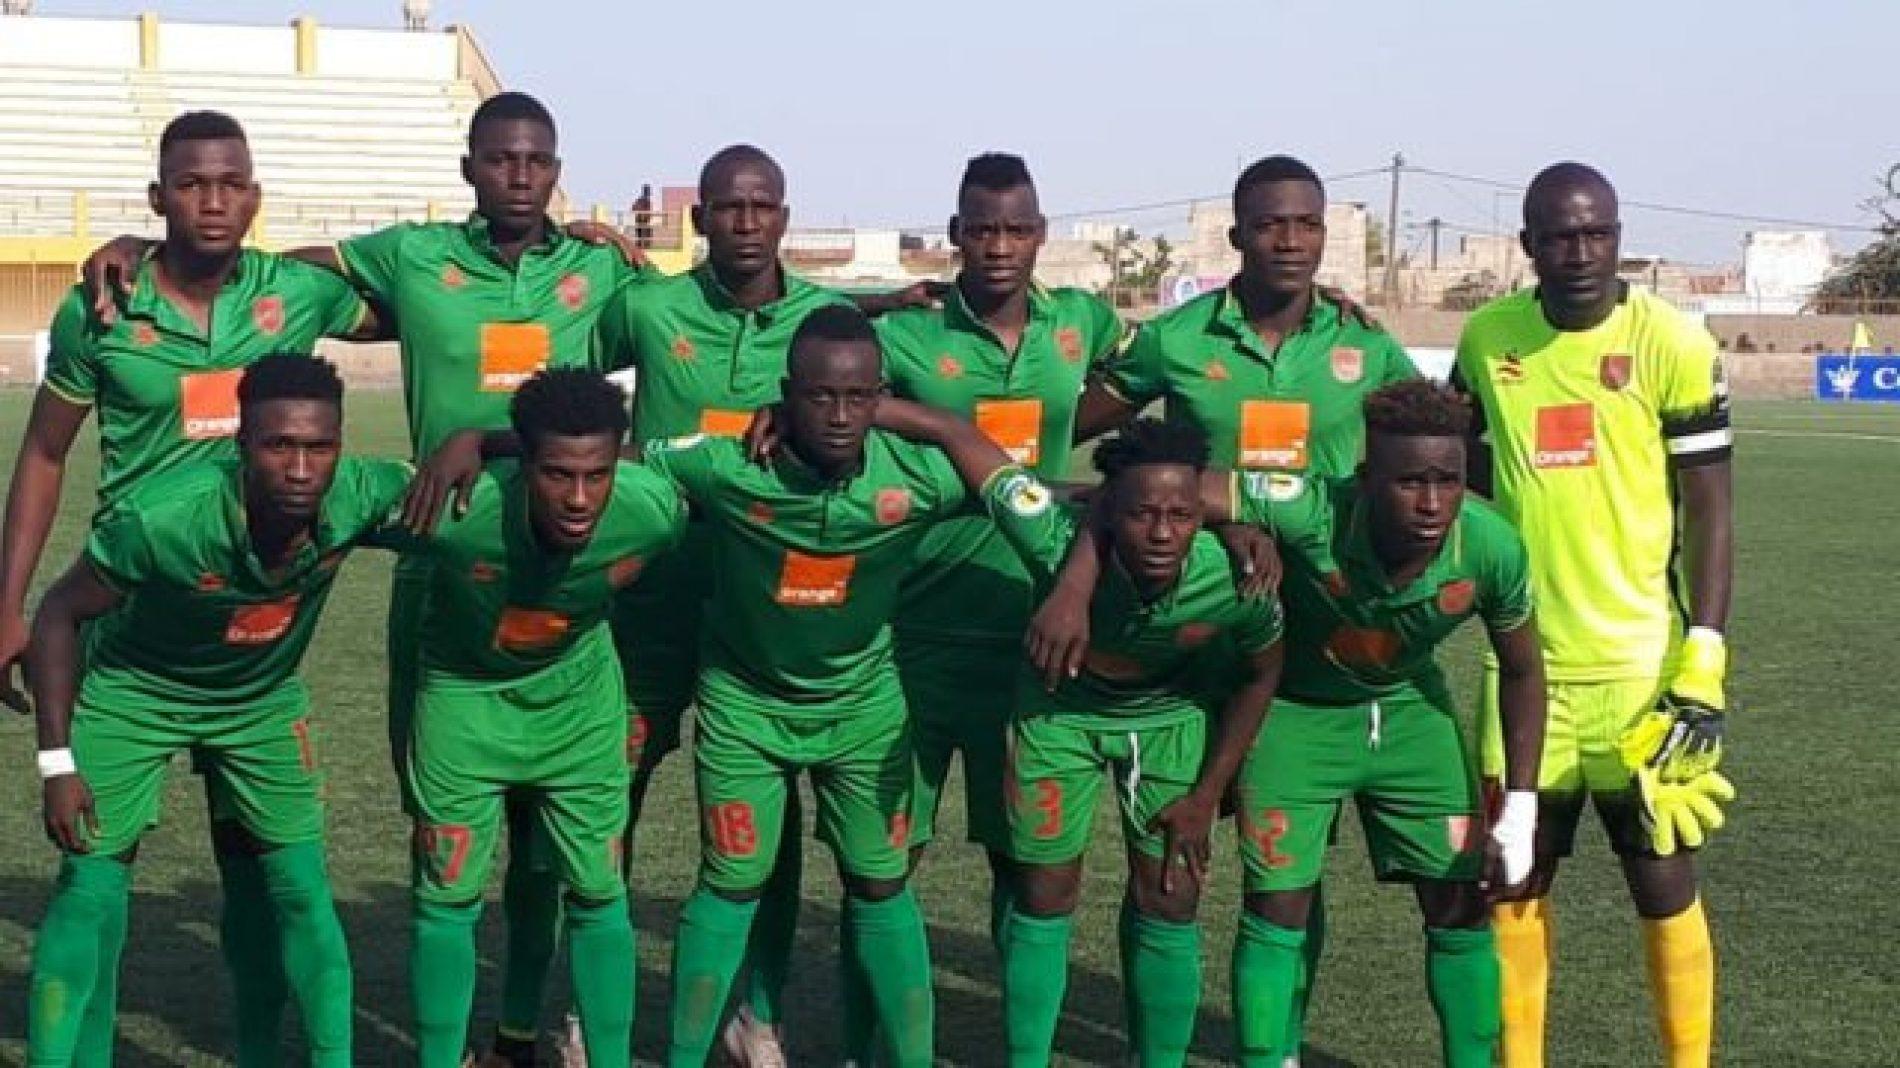 Le Djoliba entame la Ligue 1 par une victoire sur les Onze Créateurs de Niaréla